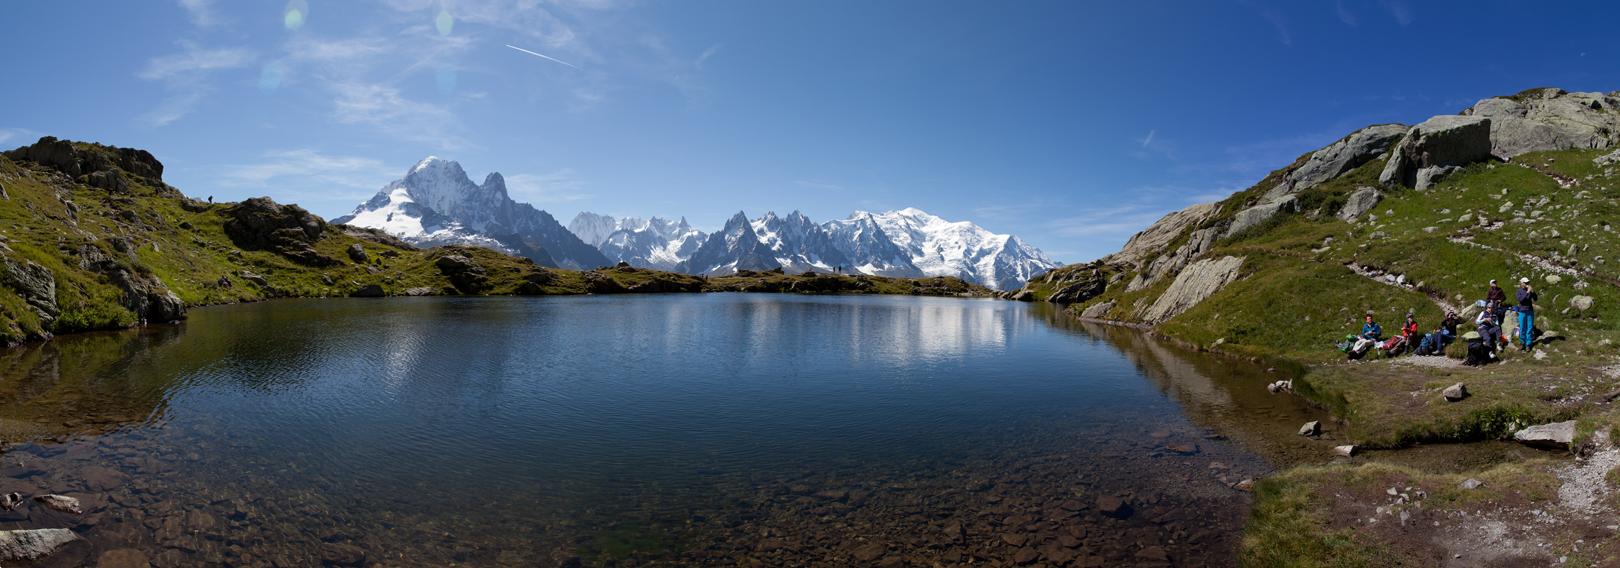 03 Randonnée au Lac Blanc